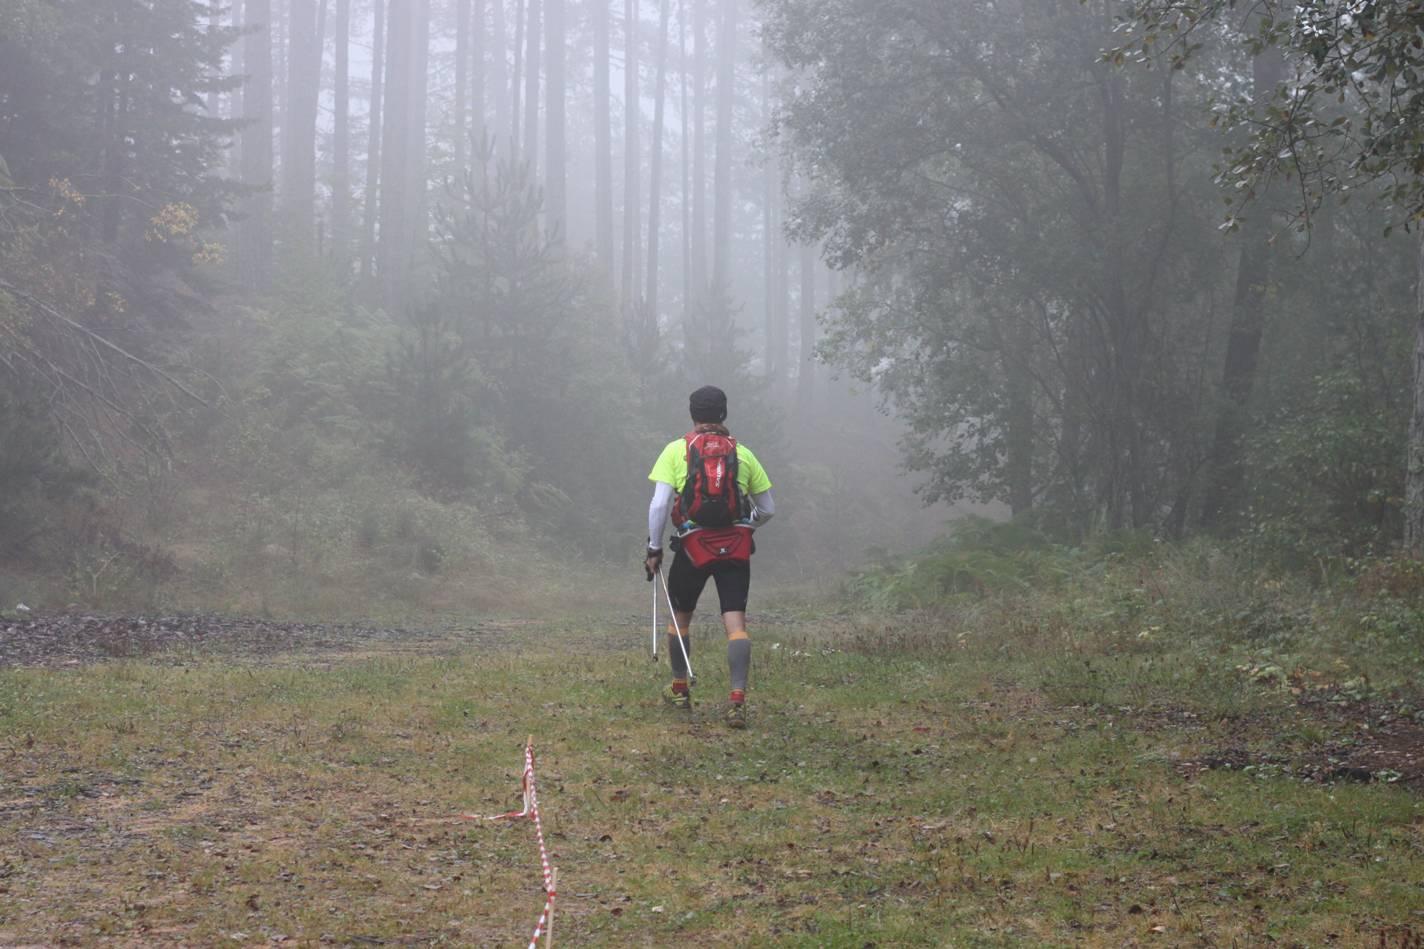 Οι εγγραφές για τον αγώνα NT 10km θα γίνονται την ημέρα του αγώνα